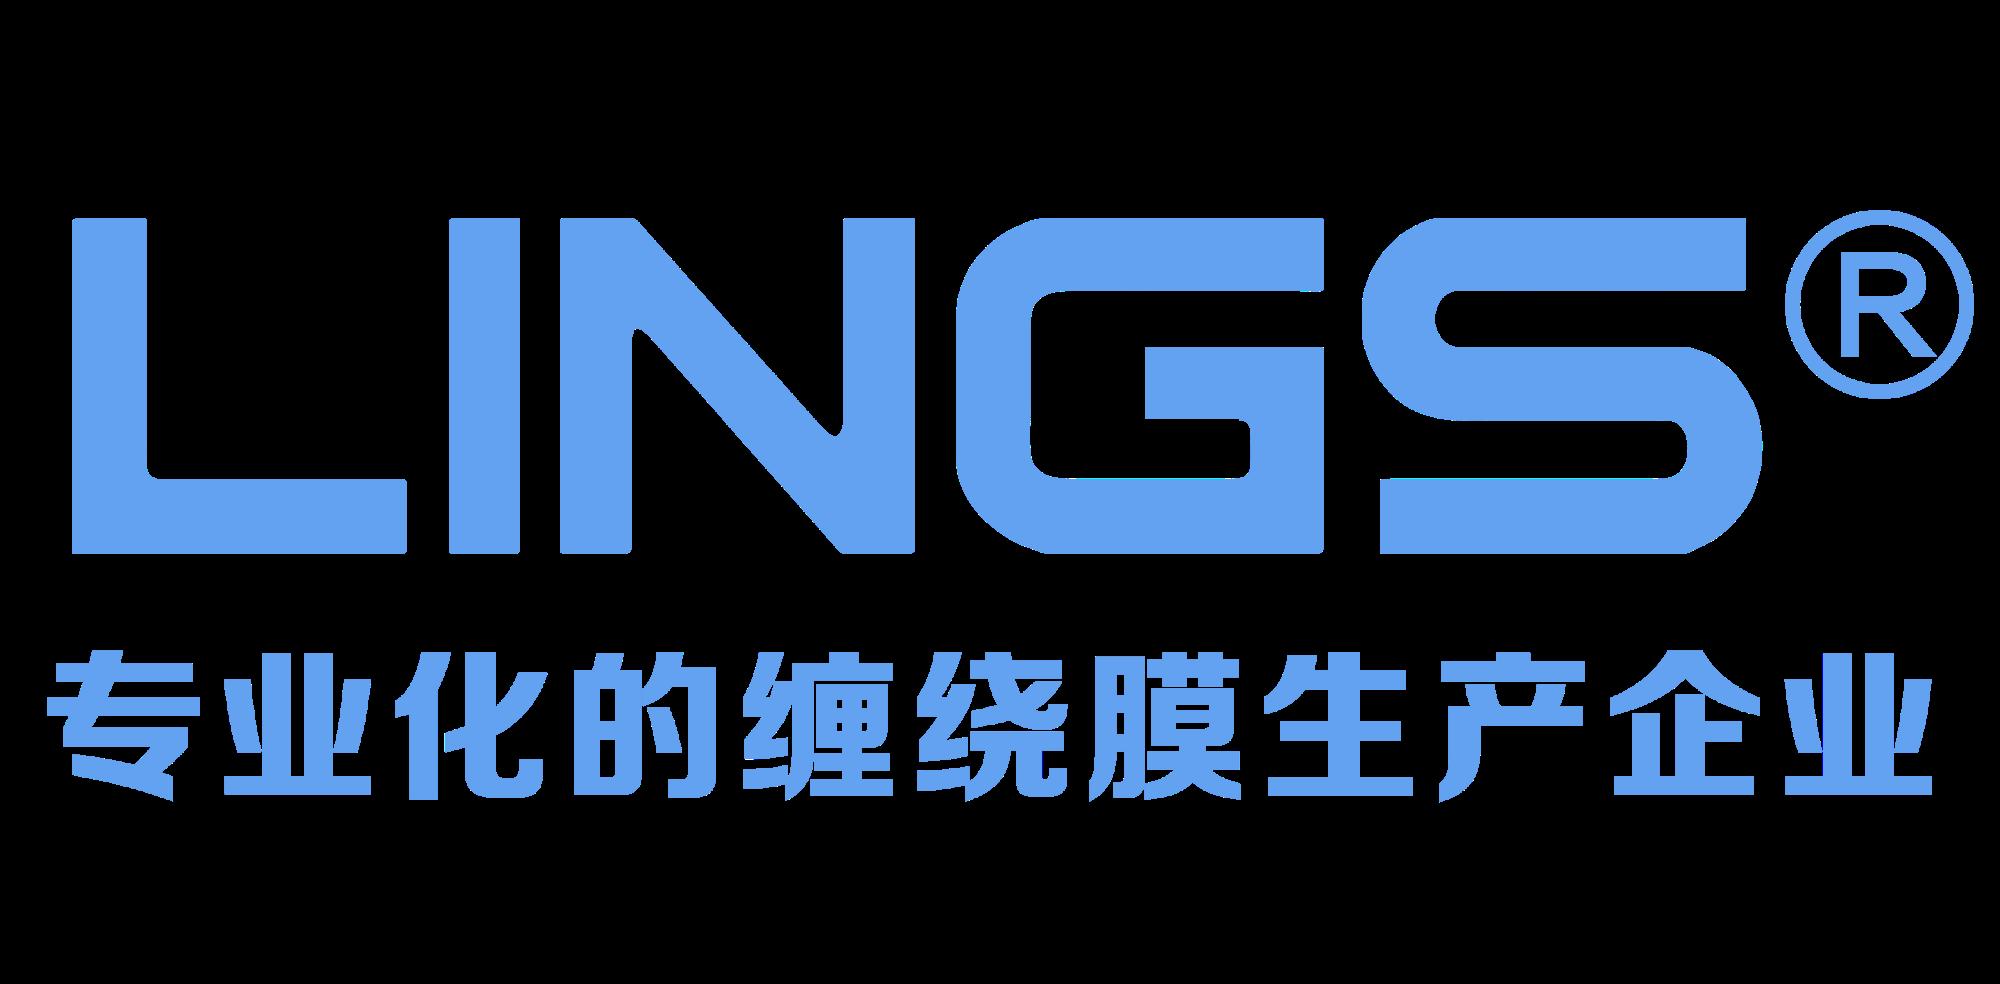 logo2_副本